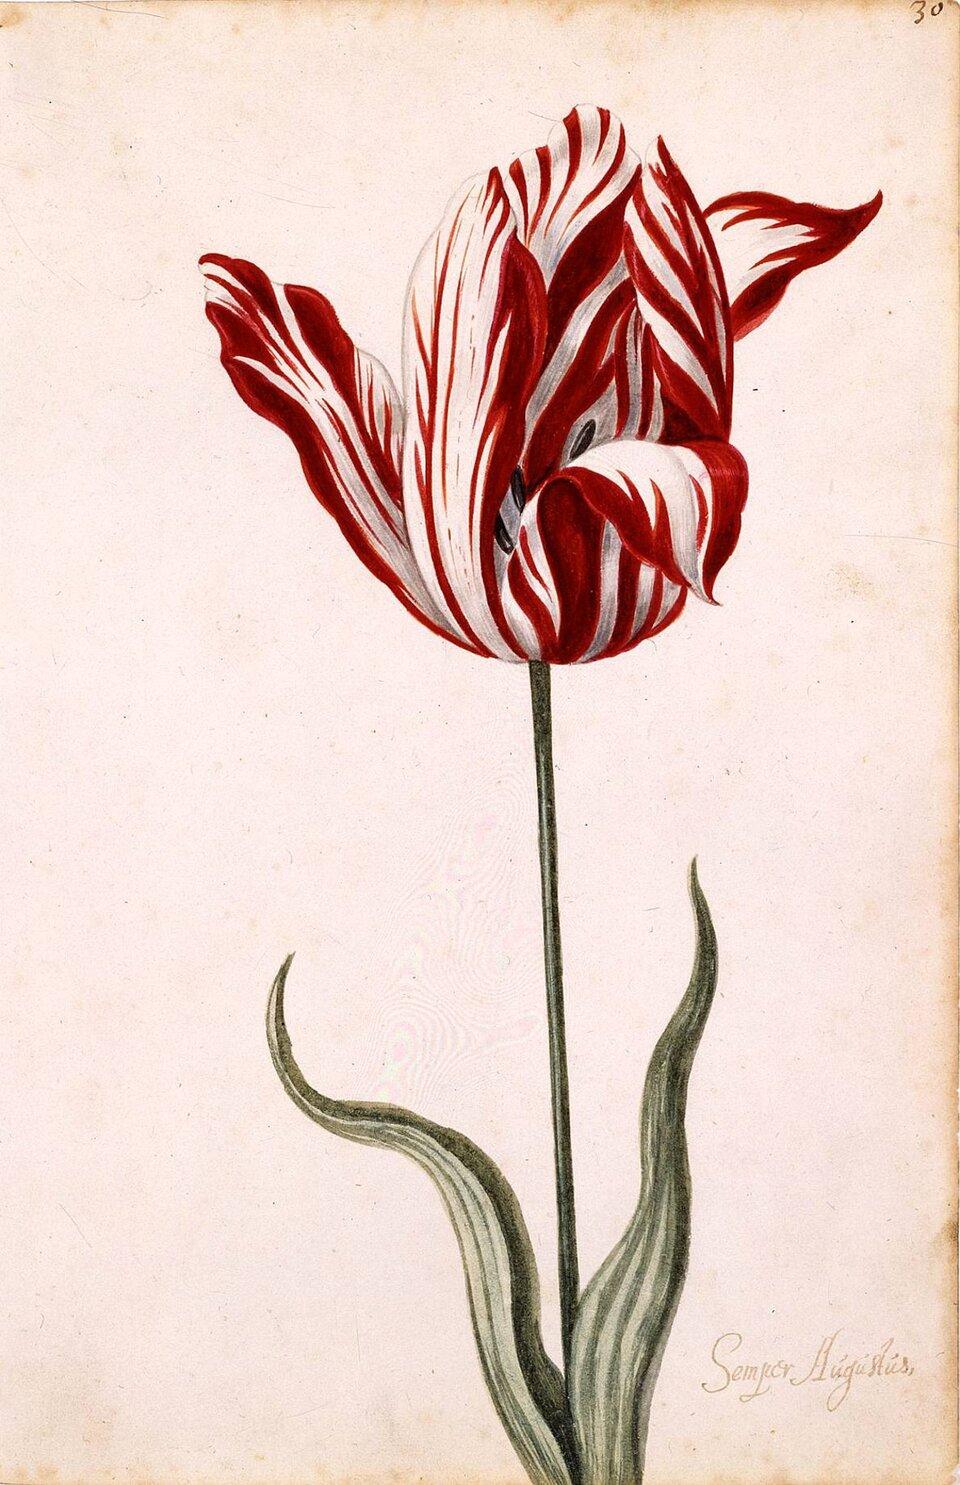 Ilustracja numer siedem przedstawia tulipan zainfekowany wirusem pstrości tulipana. Kwiat jest czerwony, wsparty na zielonej łodydze. Tulipan ma dwa liście zobu stron. Płatki kwiatu mają podłużne białe smugi. Na liściach znajdują się takie same białe podłużne smugi, sięgające od nasady liścia aż po czubek.